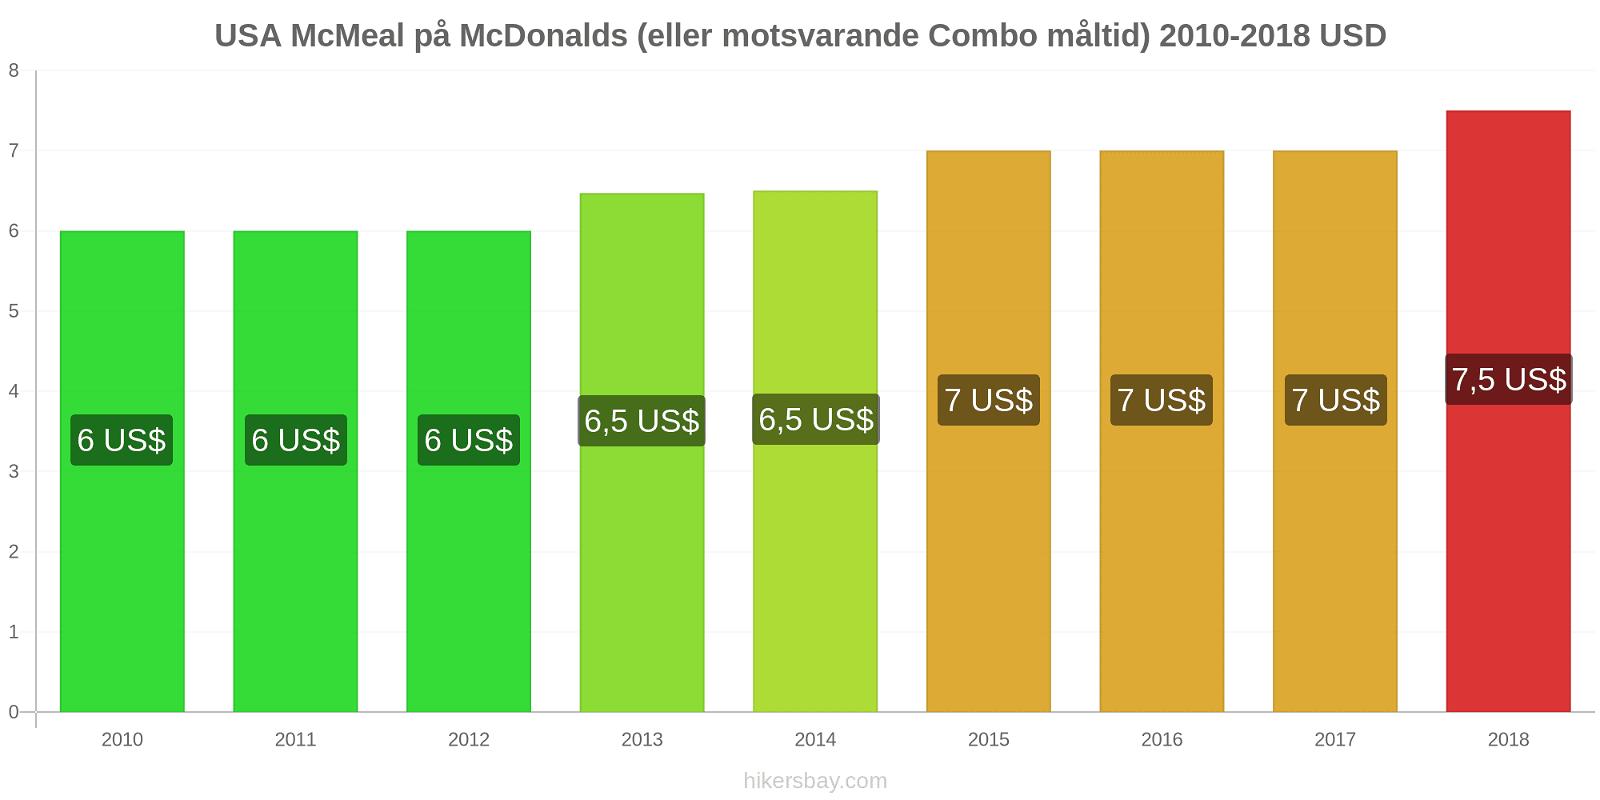 USA prisförändringar McMeal på McDonalds (eller motsvarande Combo måltid) hikersbay.com